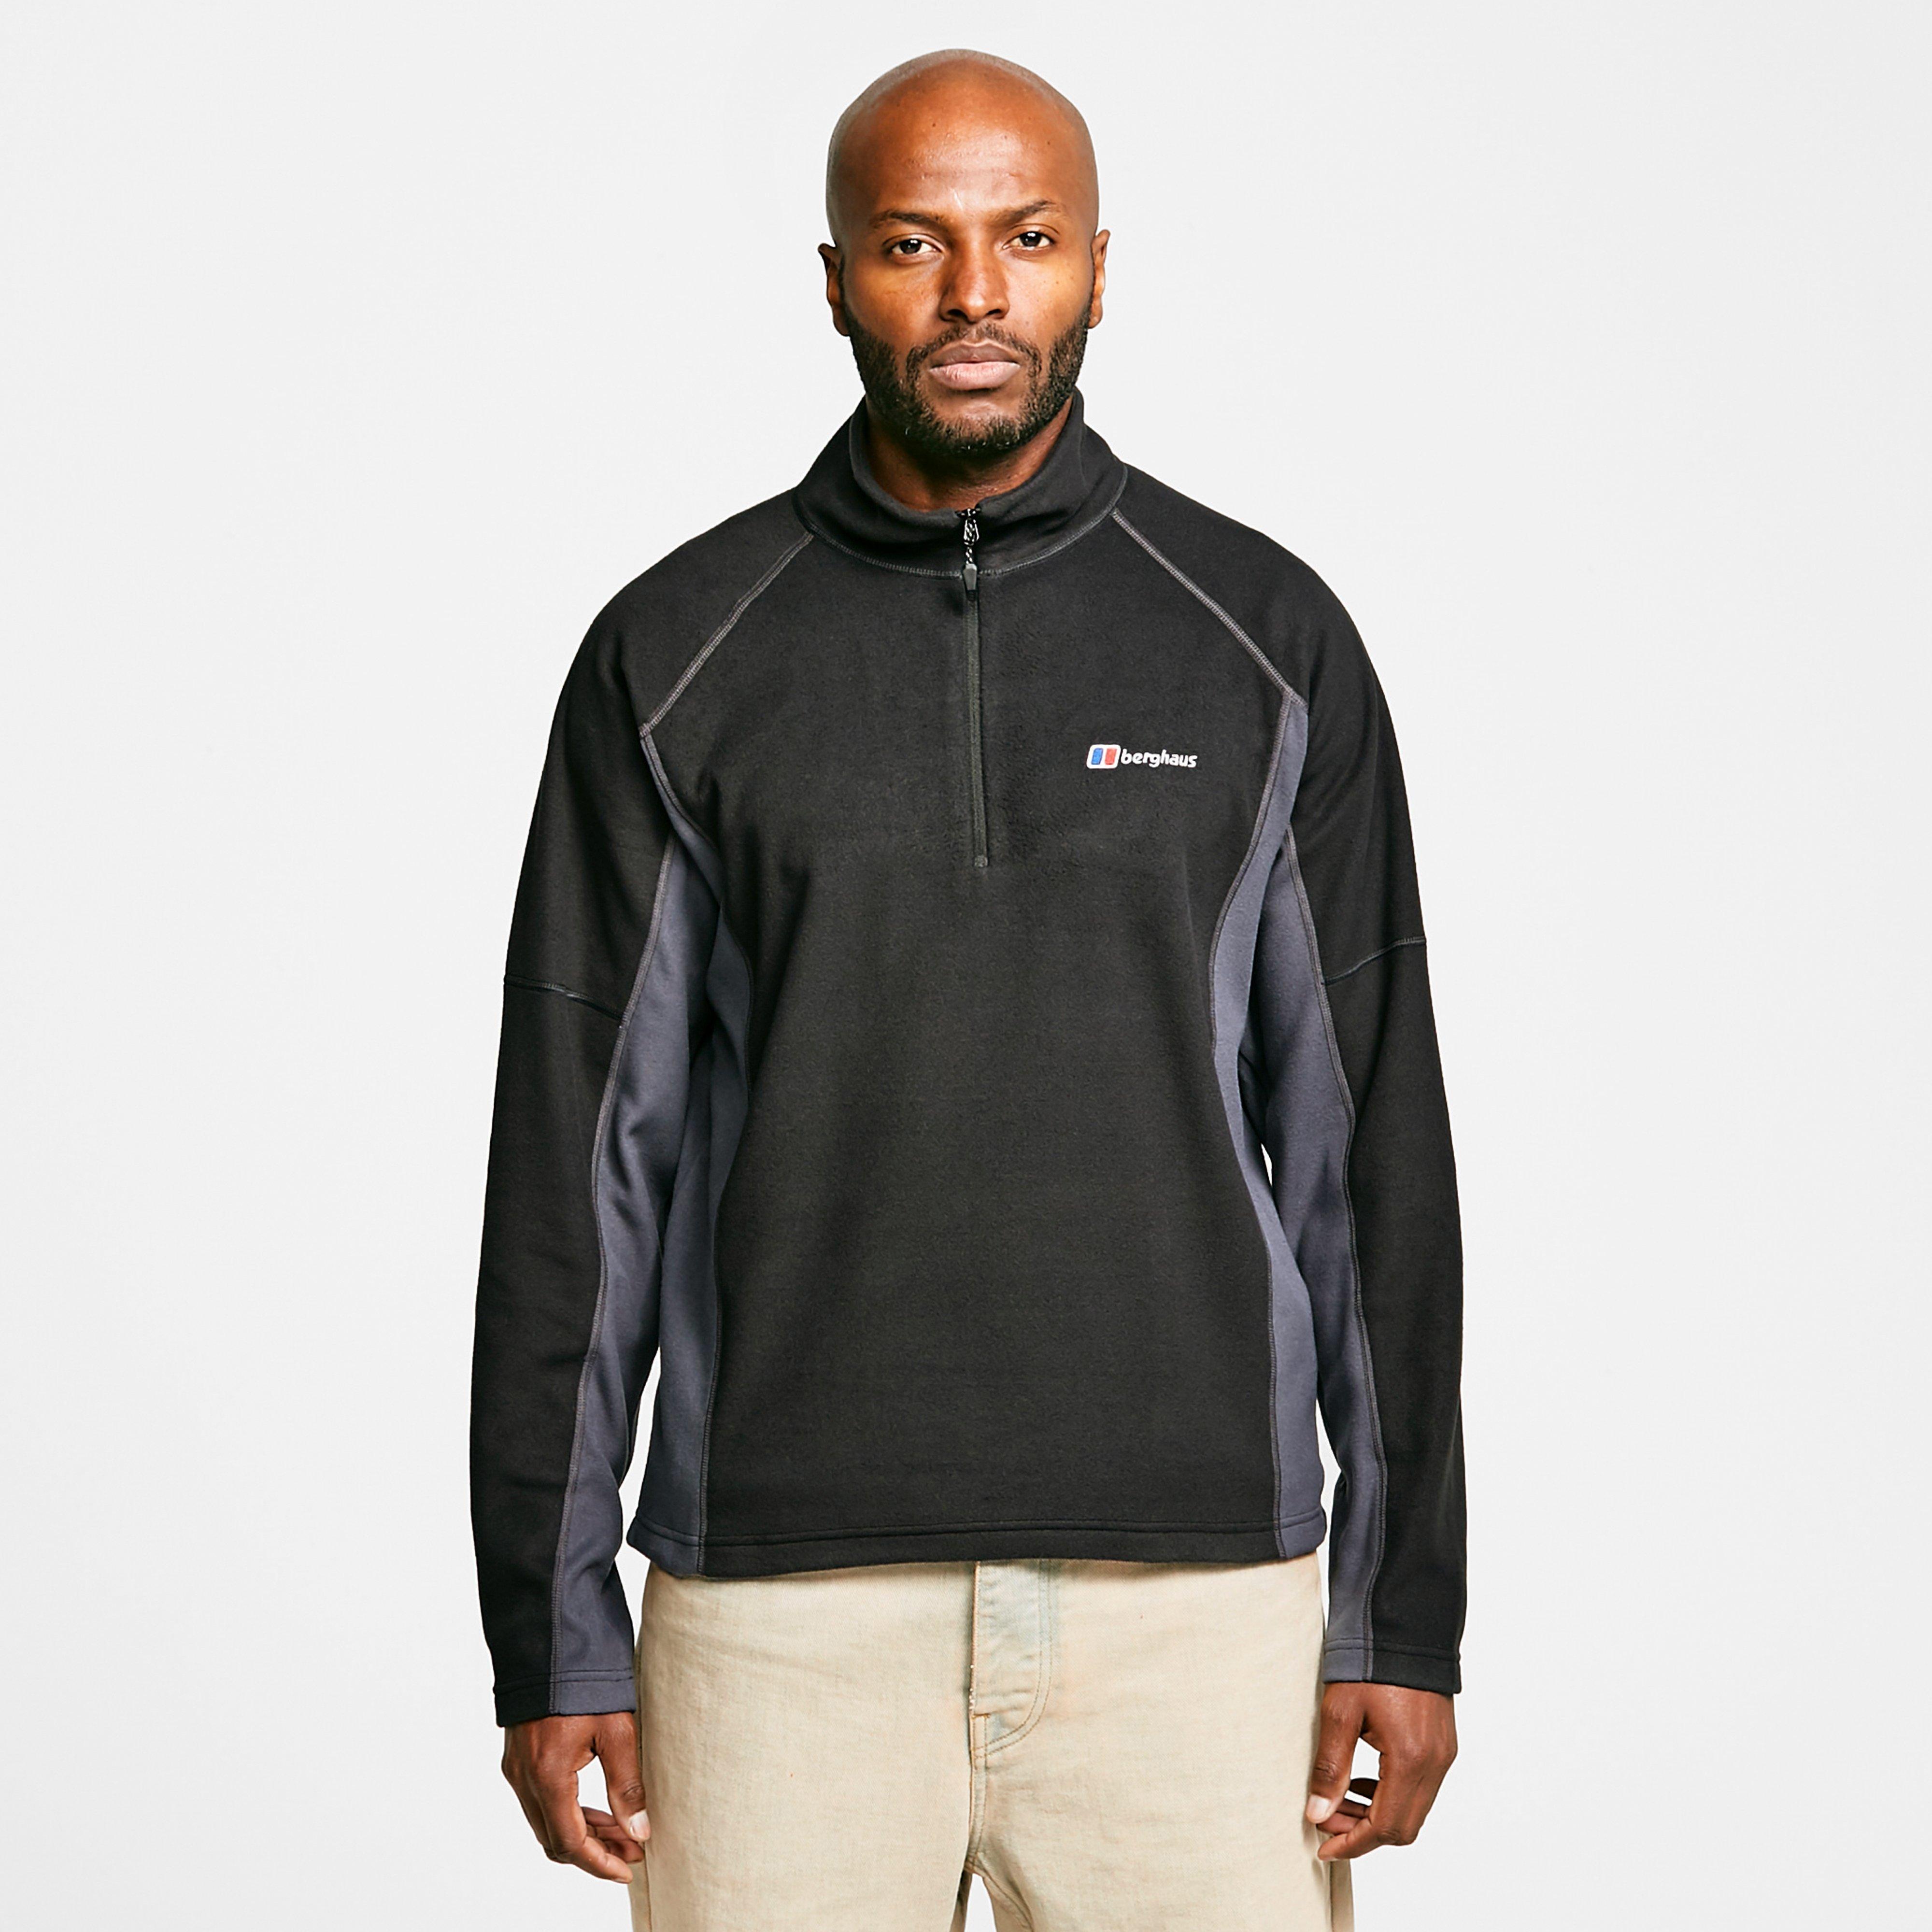 Berghaus Men's Hartsop Half Zip Fleece - Black/Grey, Black/Grey